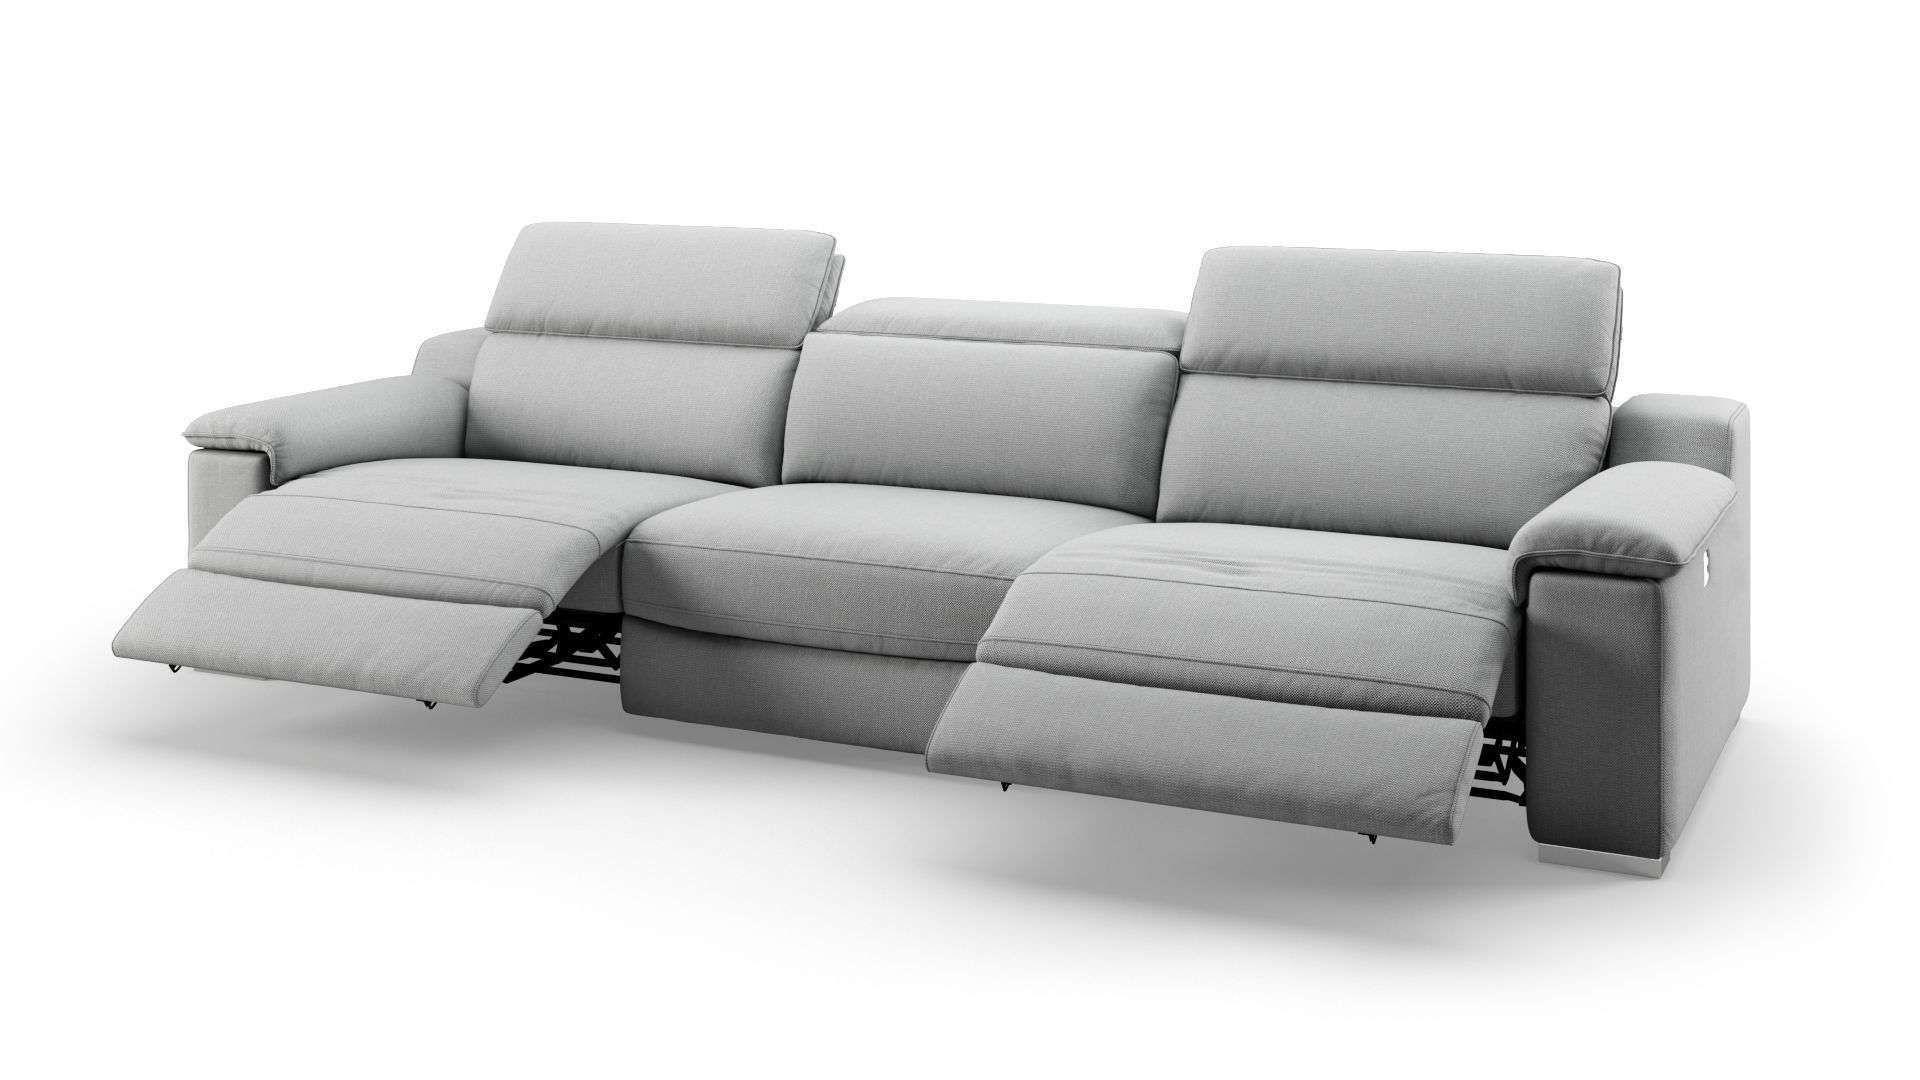 30 Tolle Von Sofa Mit Relaxfunktion Planen Sofa Mit Relaxfunktion Leder Wohnzimmer Sofa Mit Bettfunktion